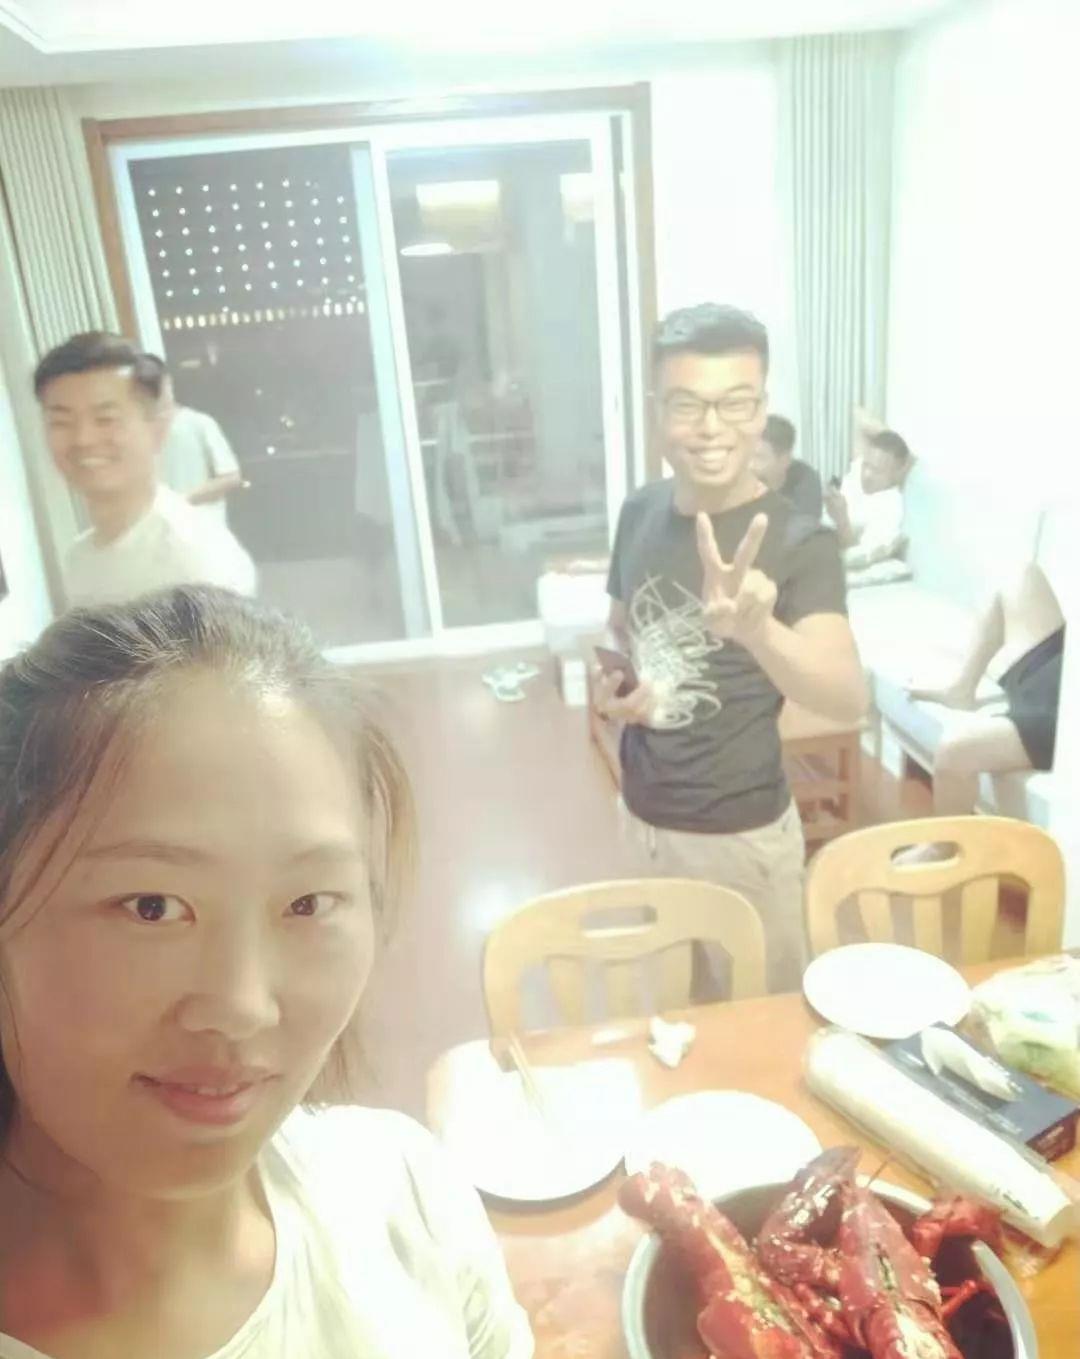 华锦qy8千亿国际日丰精英队私人定制豪华自驾游强势回归